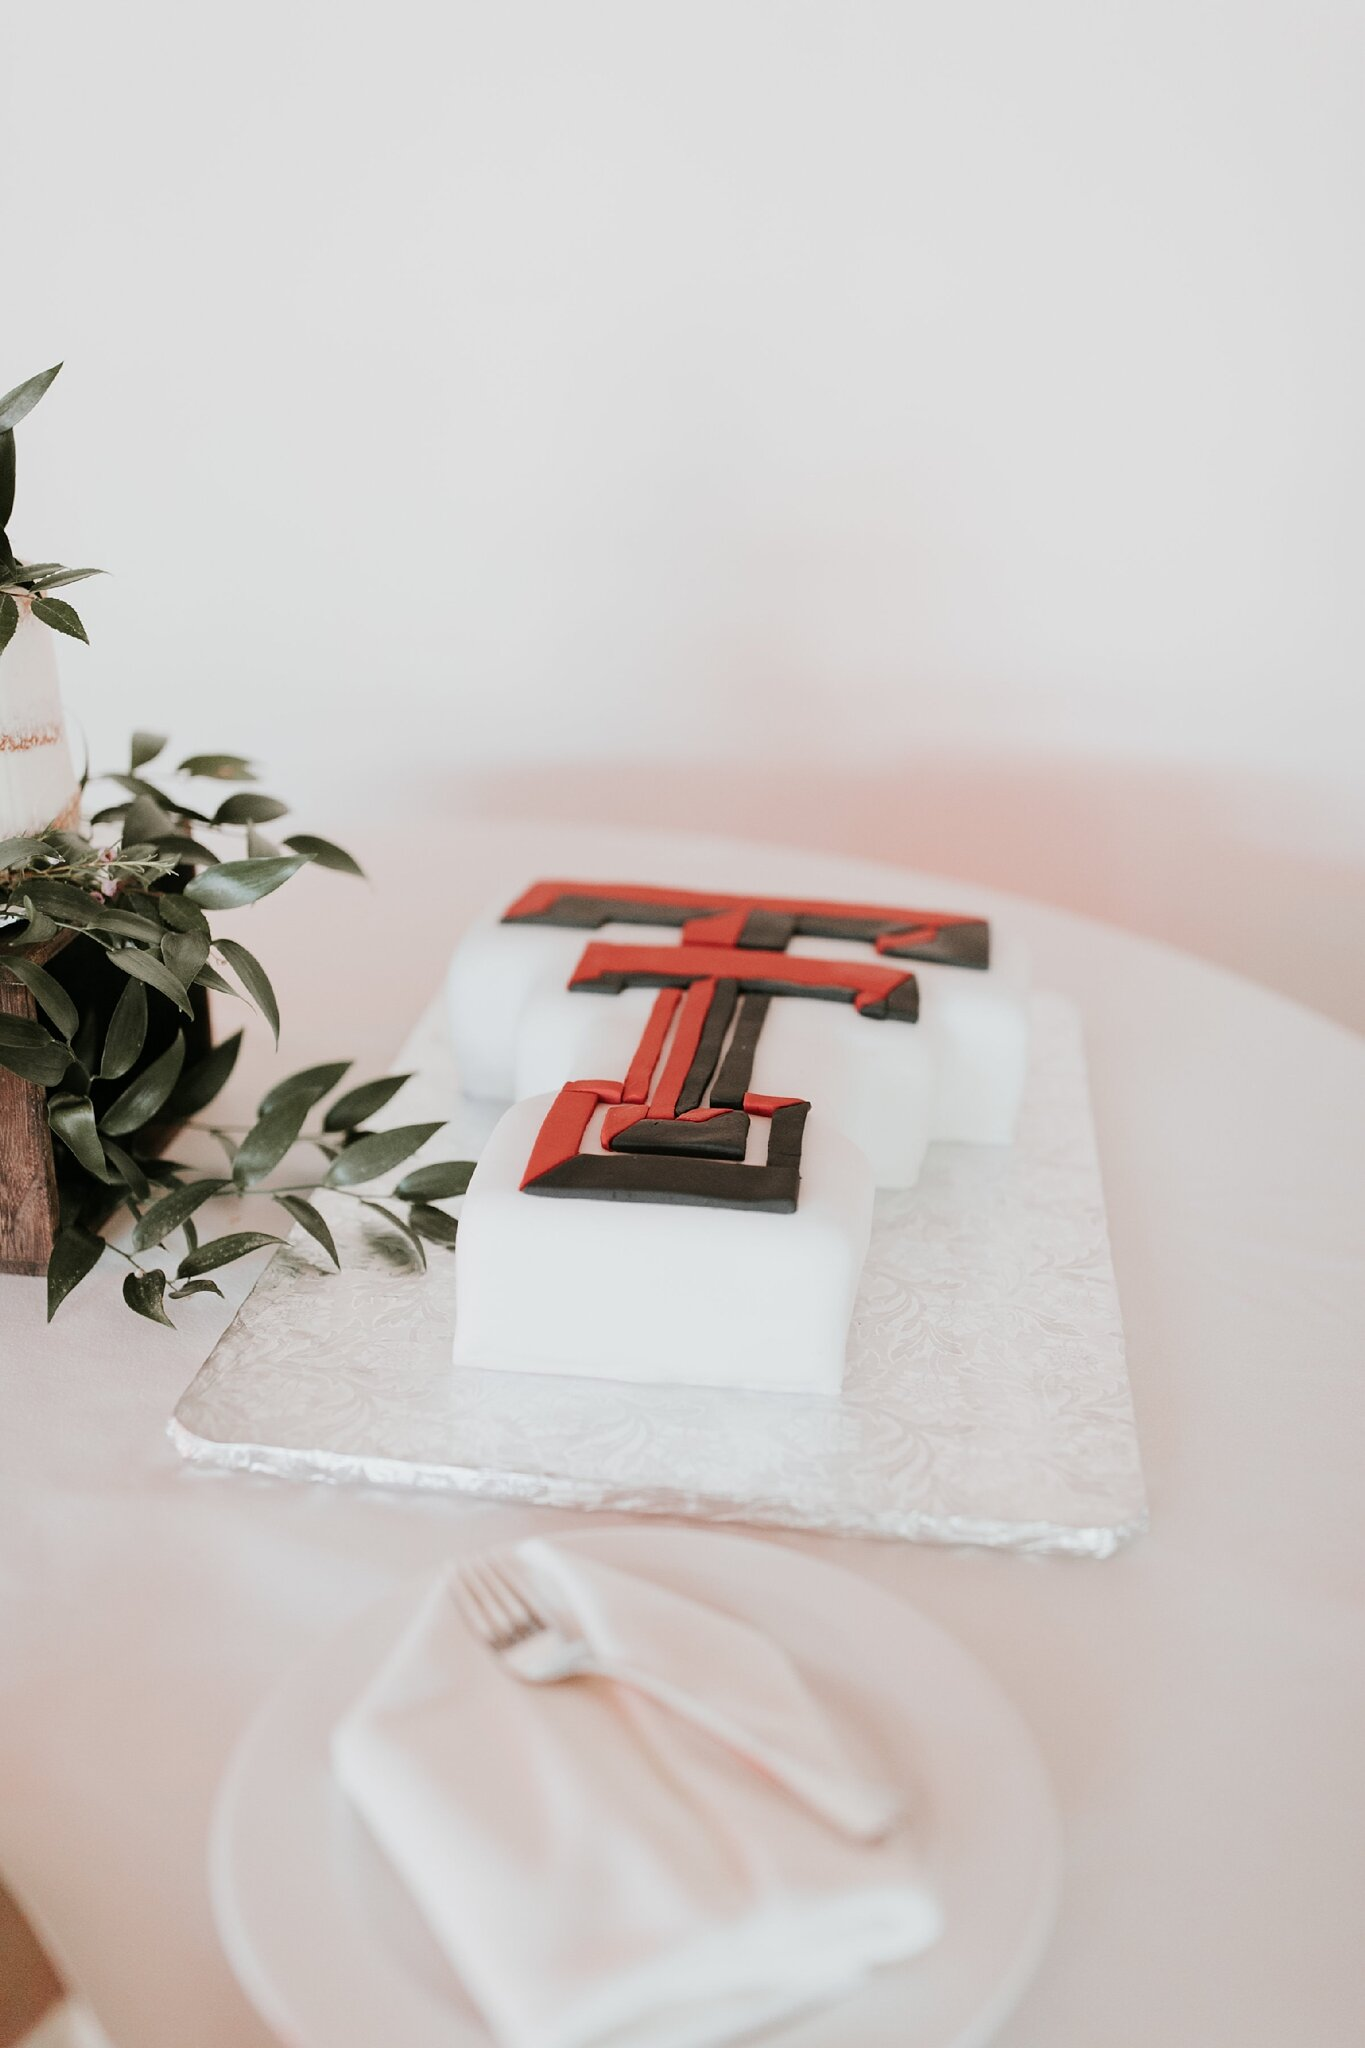 Alicia+lucia+photography+-+albuquerque+wedding+photographer+-+santa+fe+wedding+photography+-+new+mexico+wedding+photographer+-+new+mexico+wedding+-+wedding+-+wedding+cakes+-+flroal+cake+-+santa+fe+cake+-+santa+fe+baker_0015.jpg